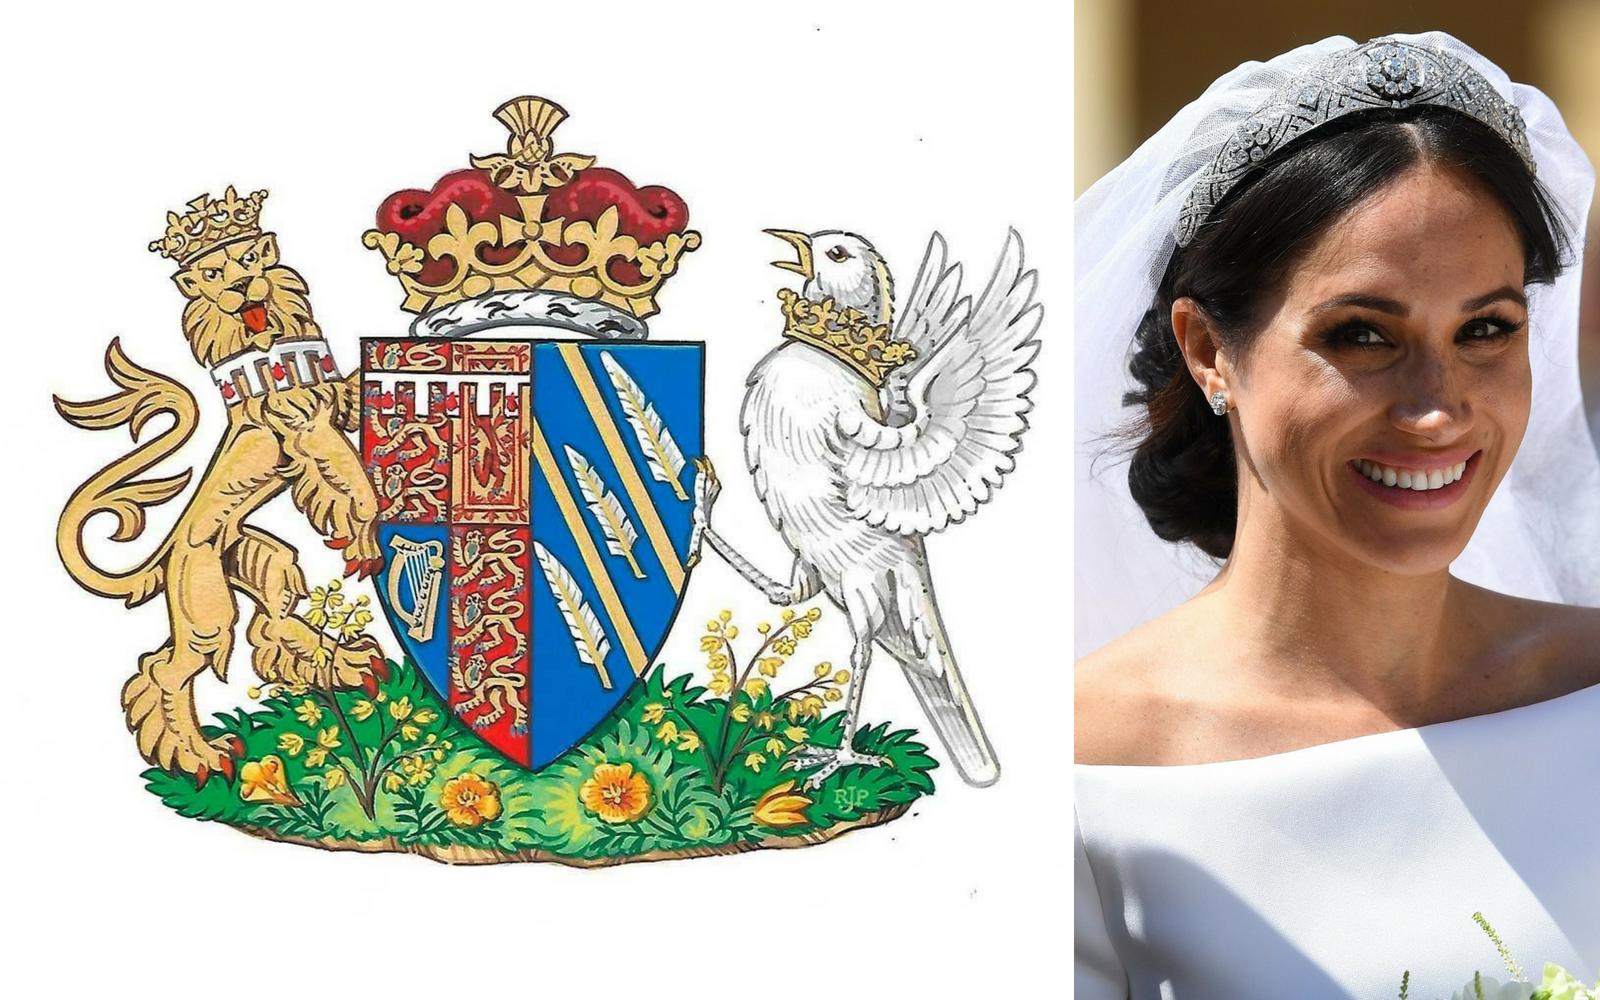 Regina Elisabeta i-a făcut-o lui Meghan Markle, după nunta! Toată lumea vorbește